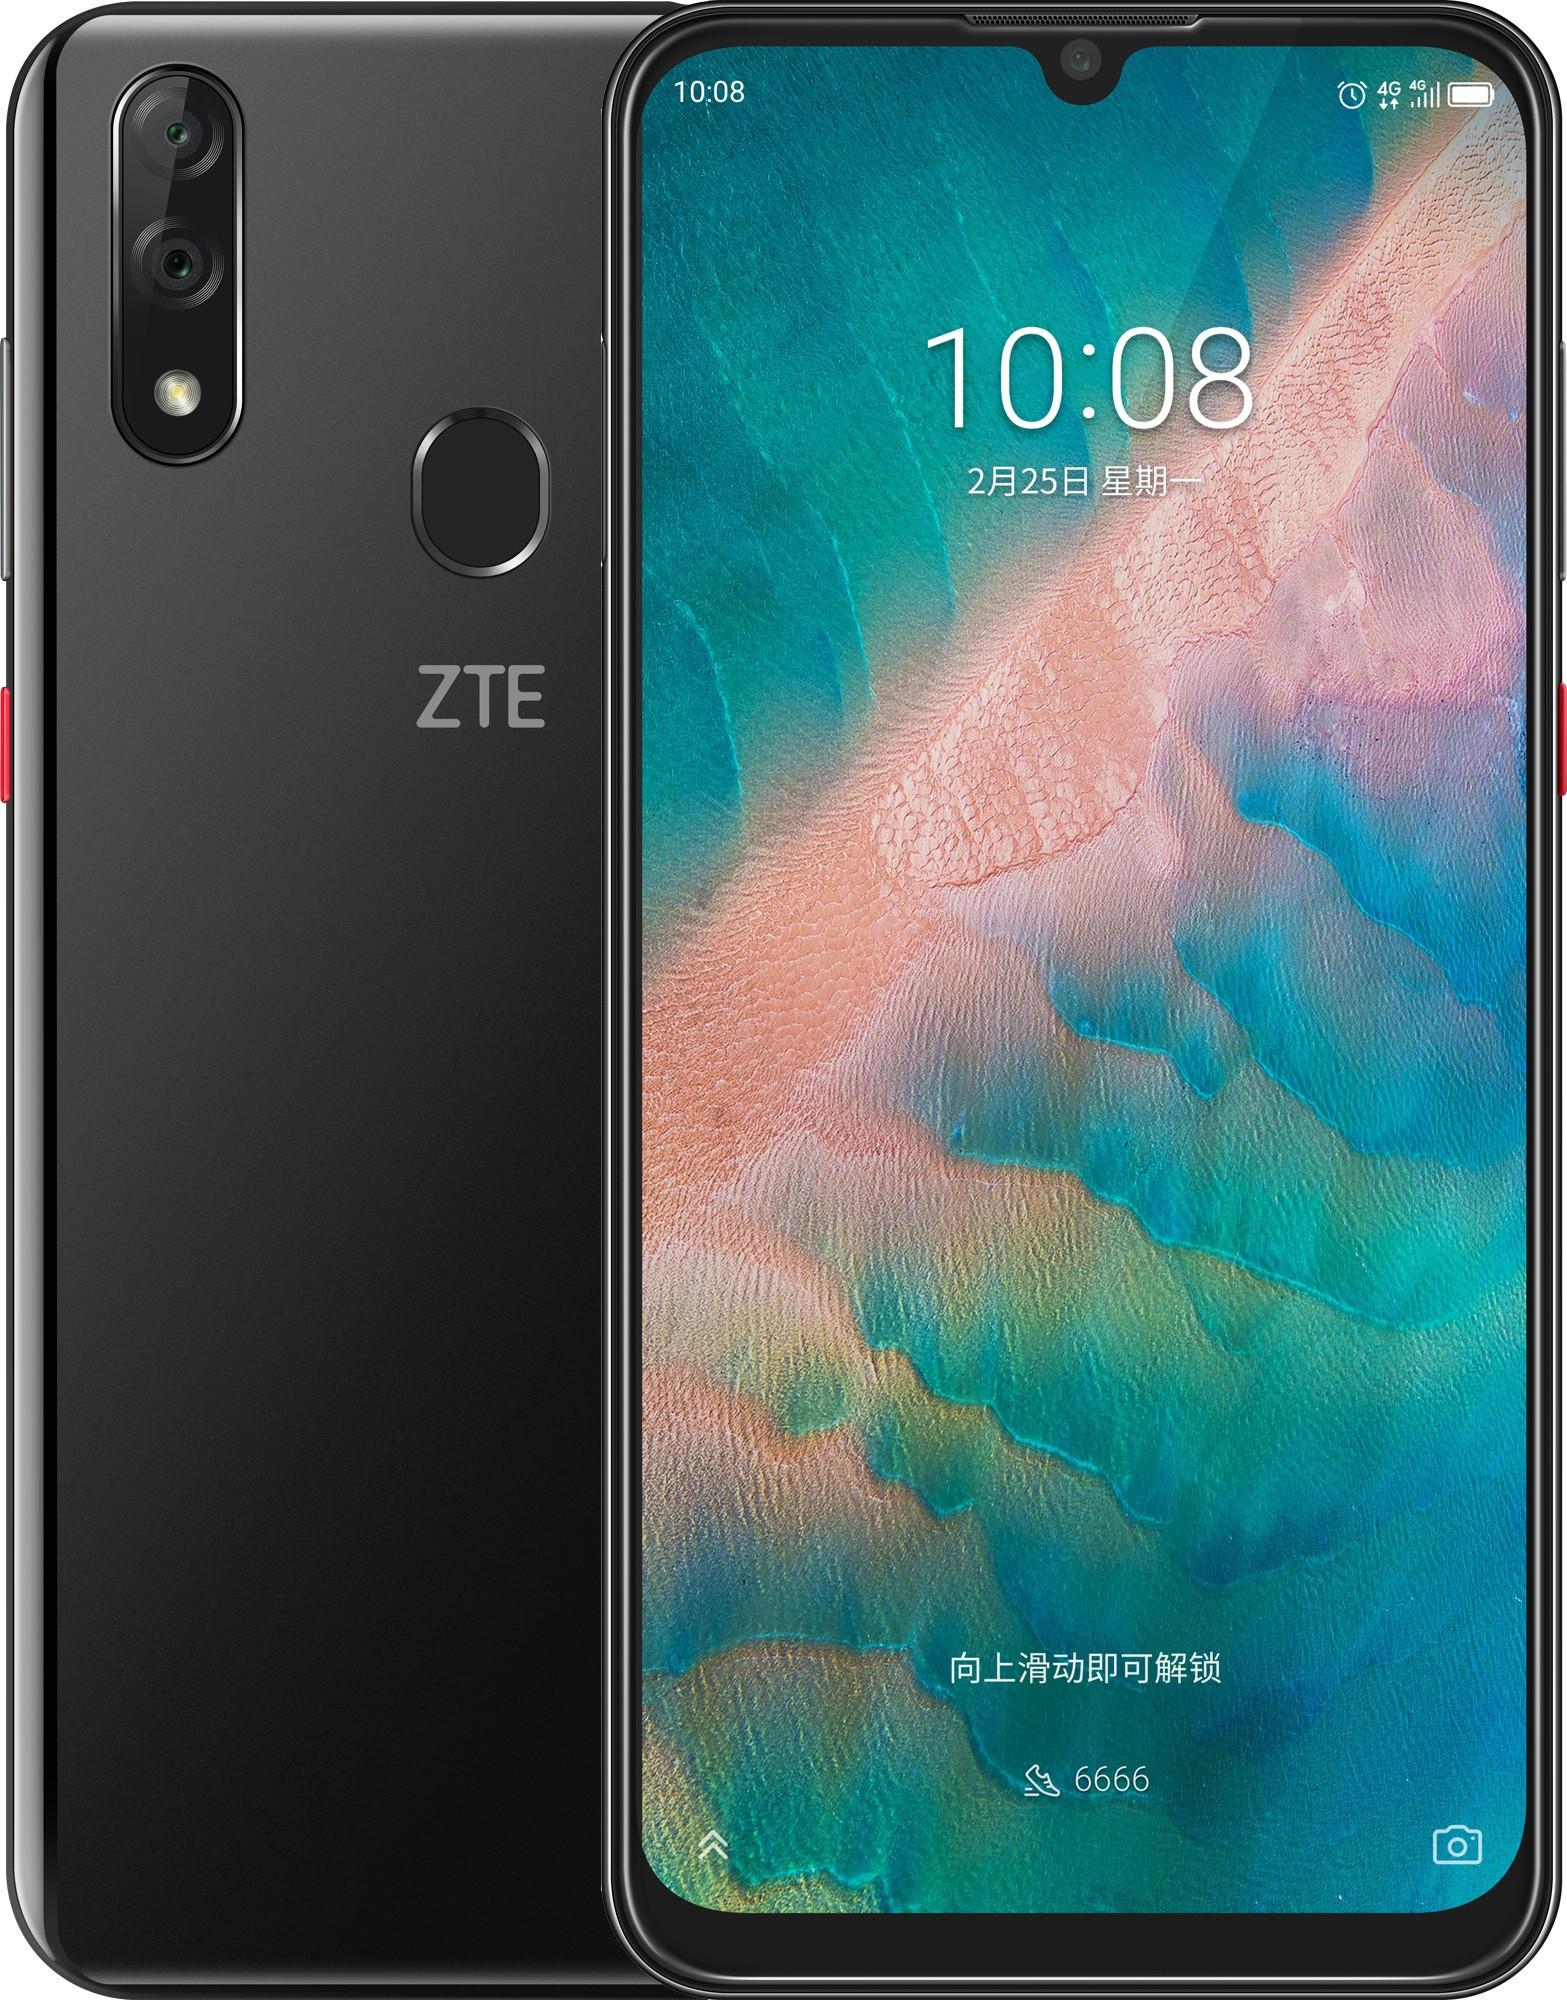 15d064040d262 ZTE Blade V10 32GB – купить мобильный телефон, сравнение цен  интернет-магазинов: фото, характеристики, описание | E-Katalog